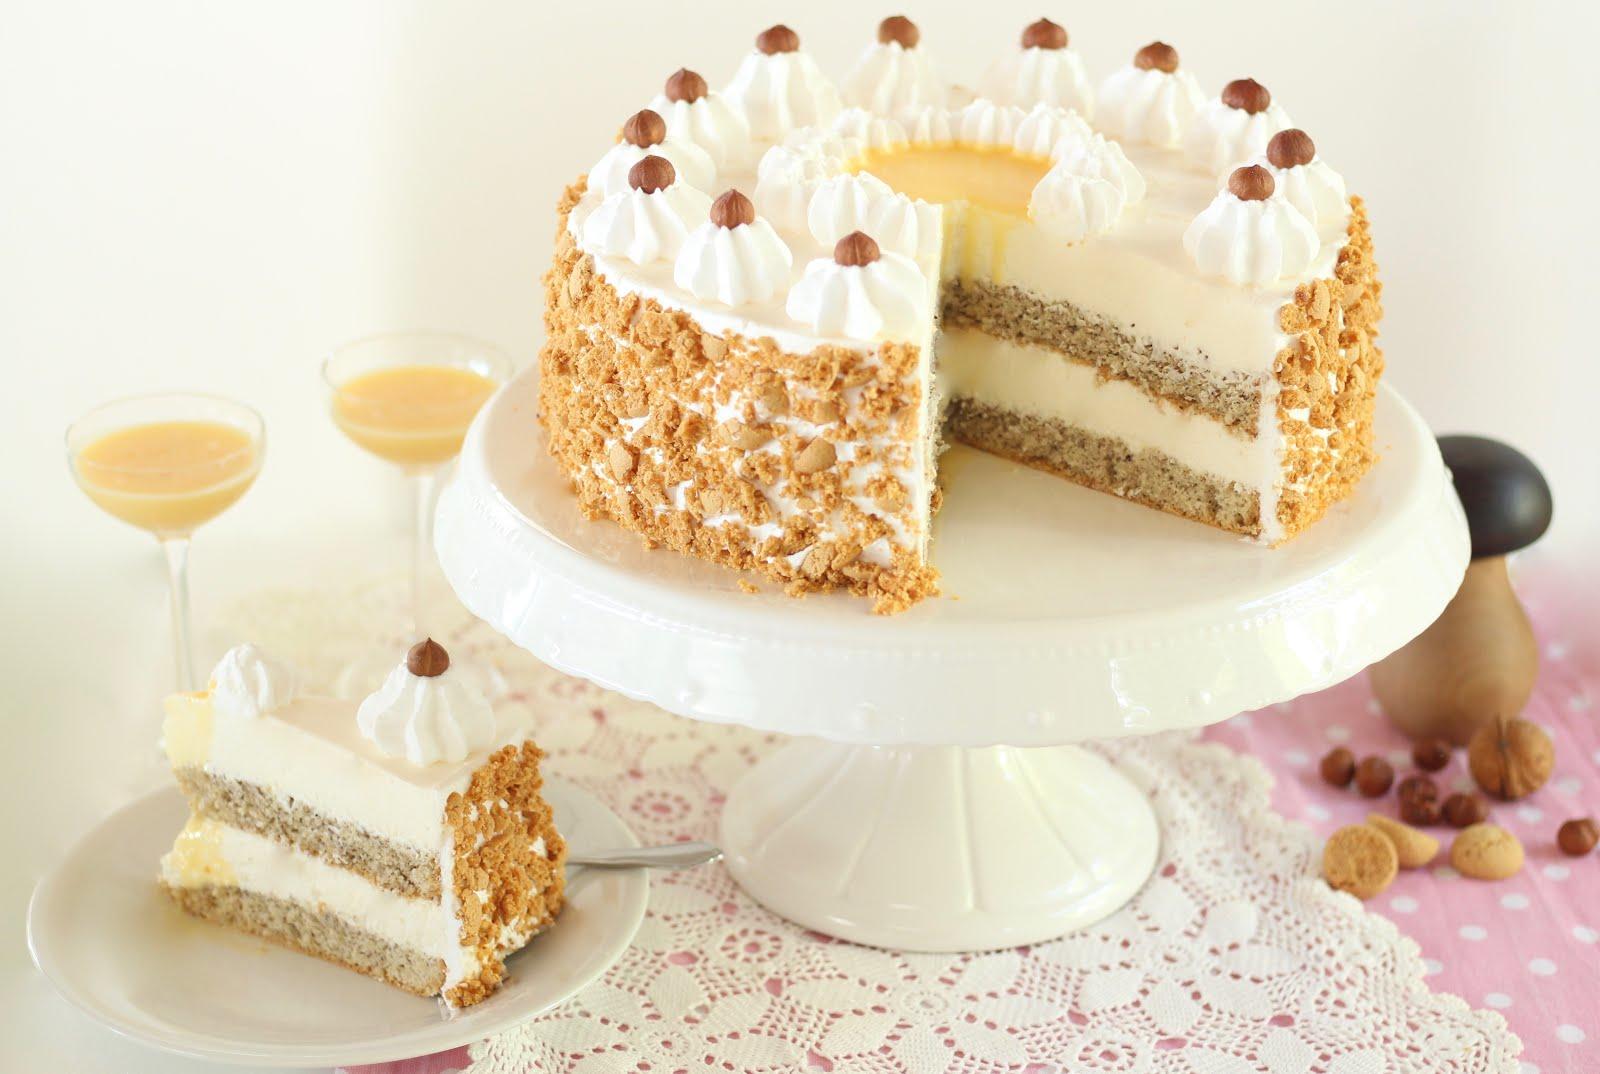 Unwiderstehliche Nuss-Eierlikör-Torte | Rezept und Video